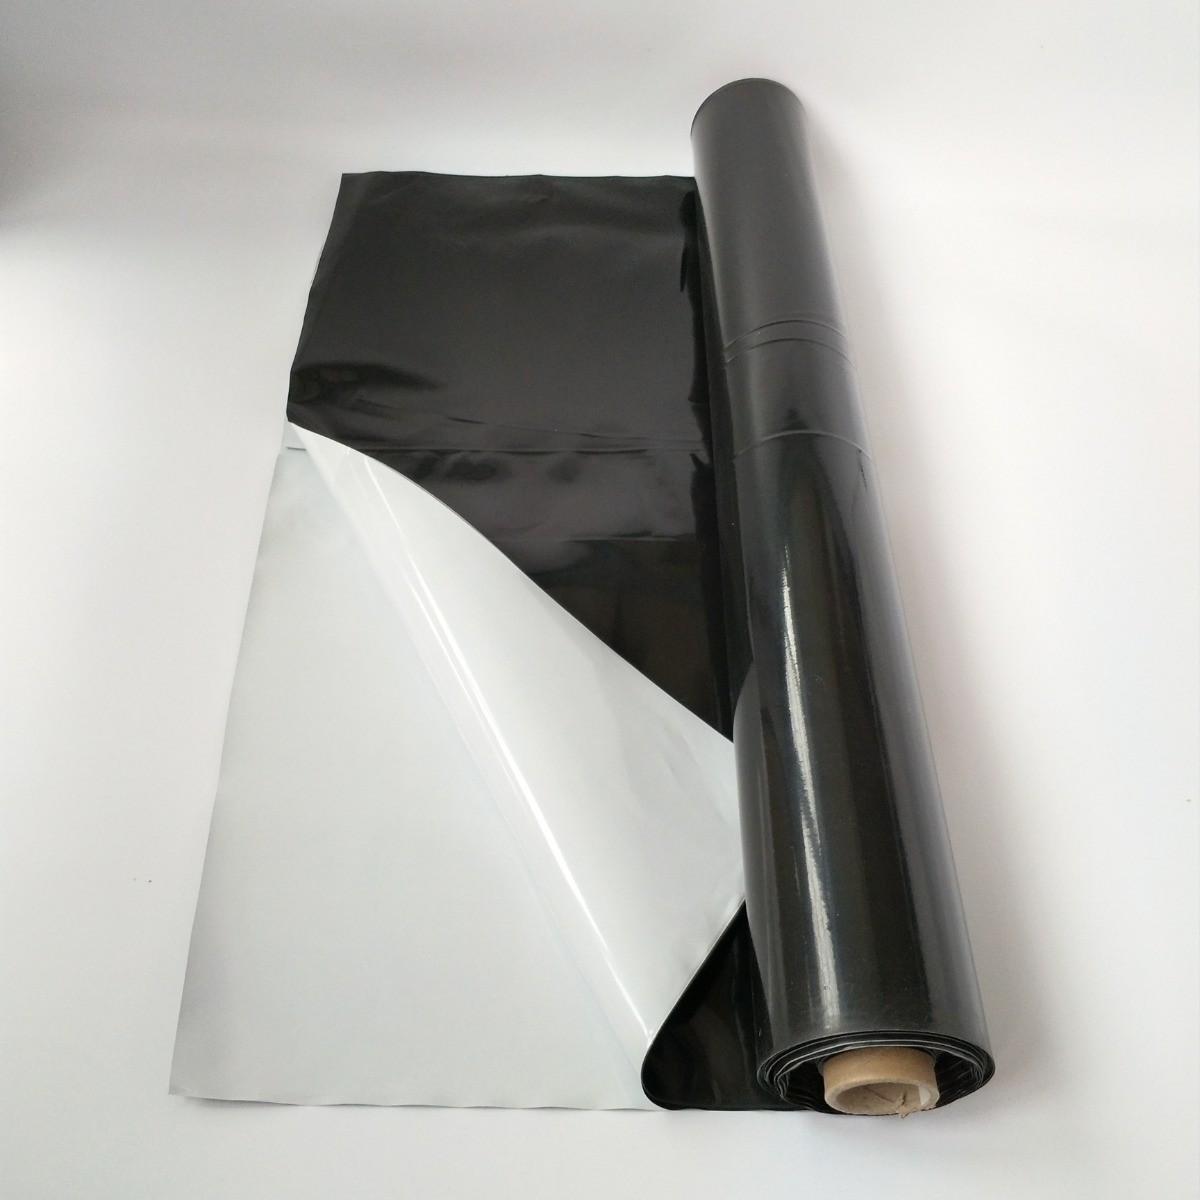 Lona Silagem Nortene Branca/Preta 72kg - 6x15m